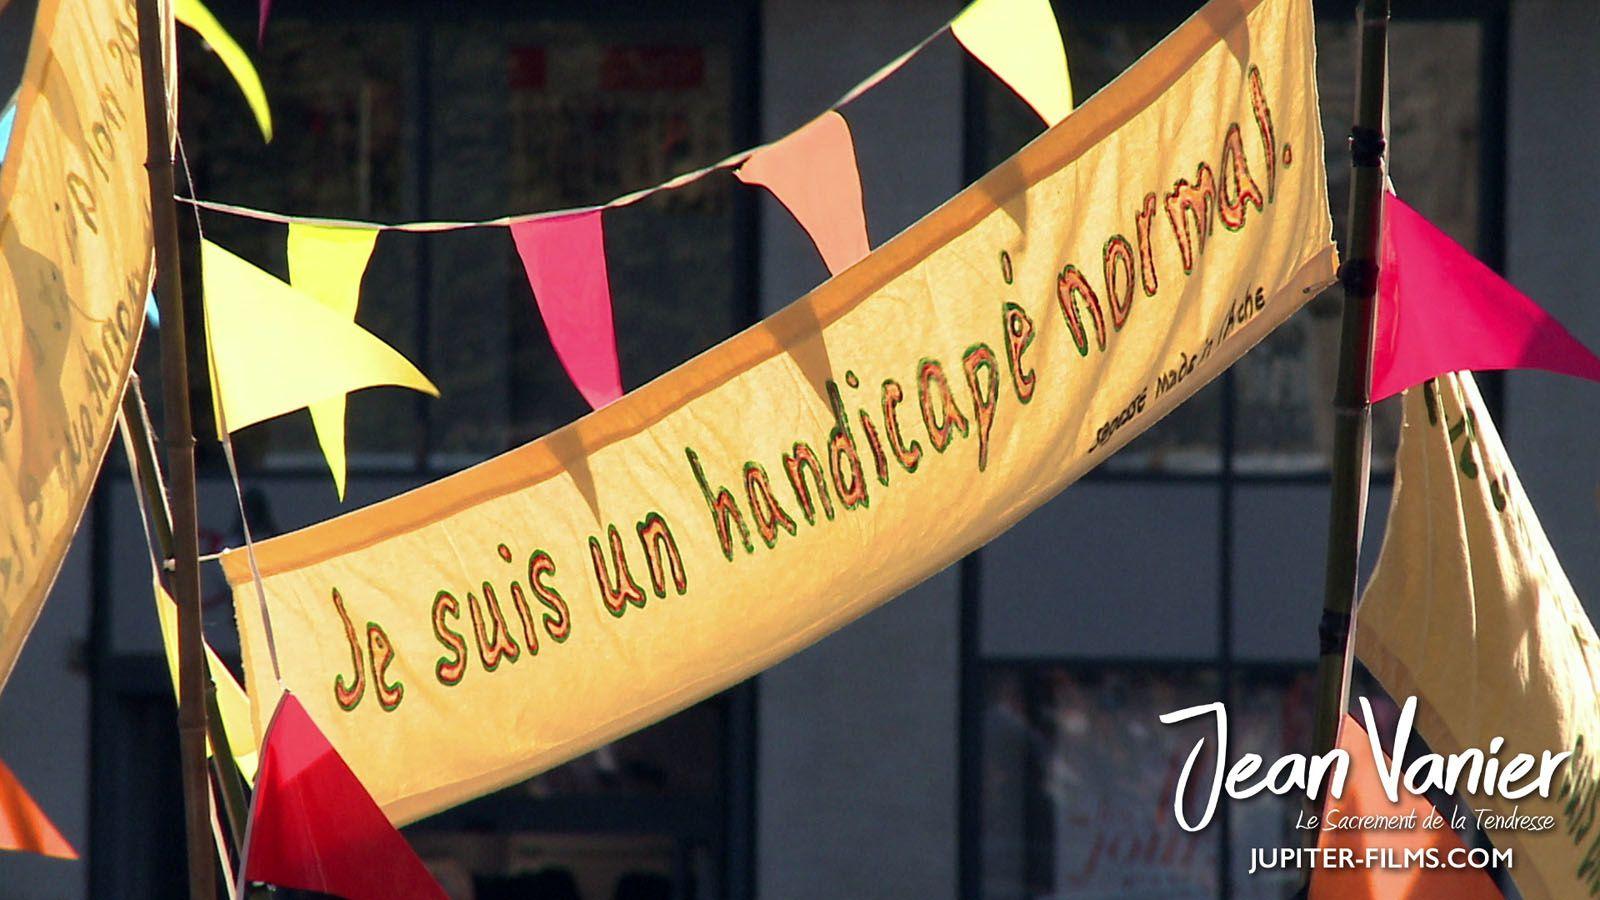 Jean Vanier, le sacrement de la tendresse (BANDE-ANNONCE) Film documentaire de Frédérique Bedos - Le 9 janvier 2019 au cinéma